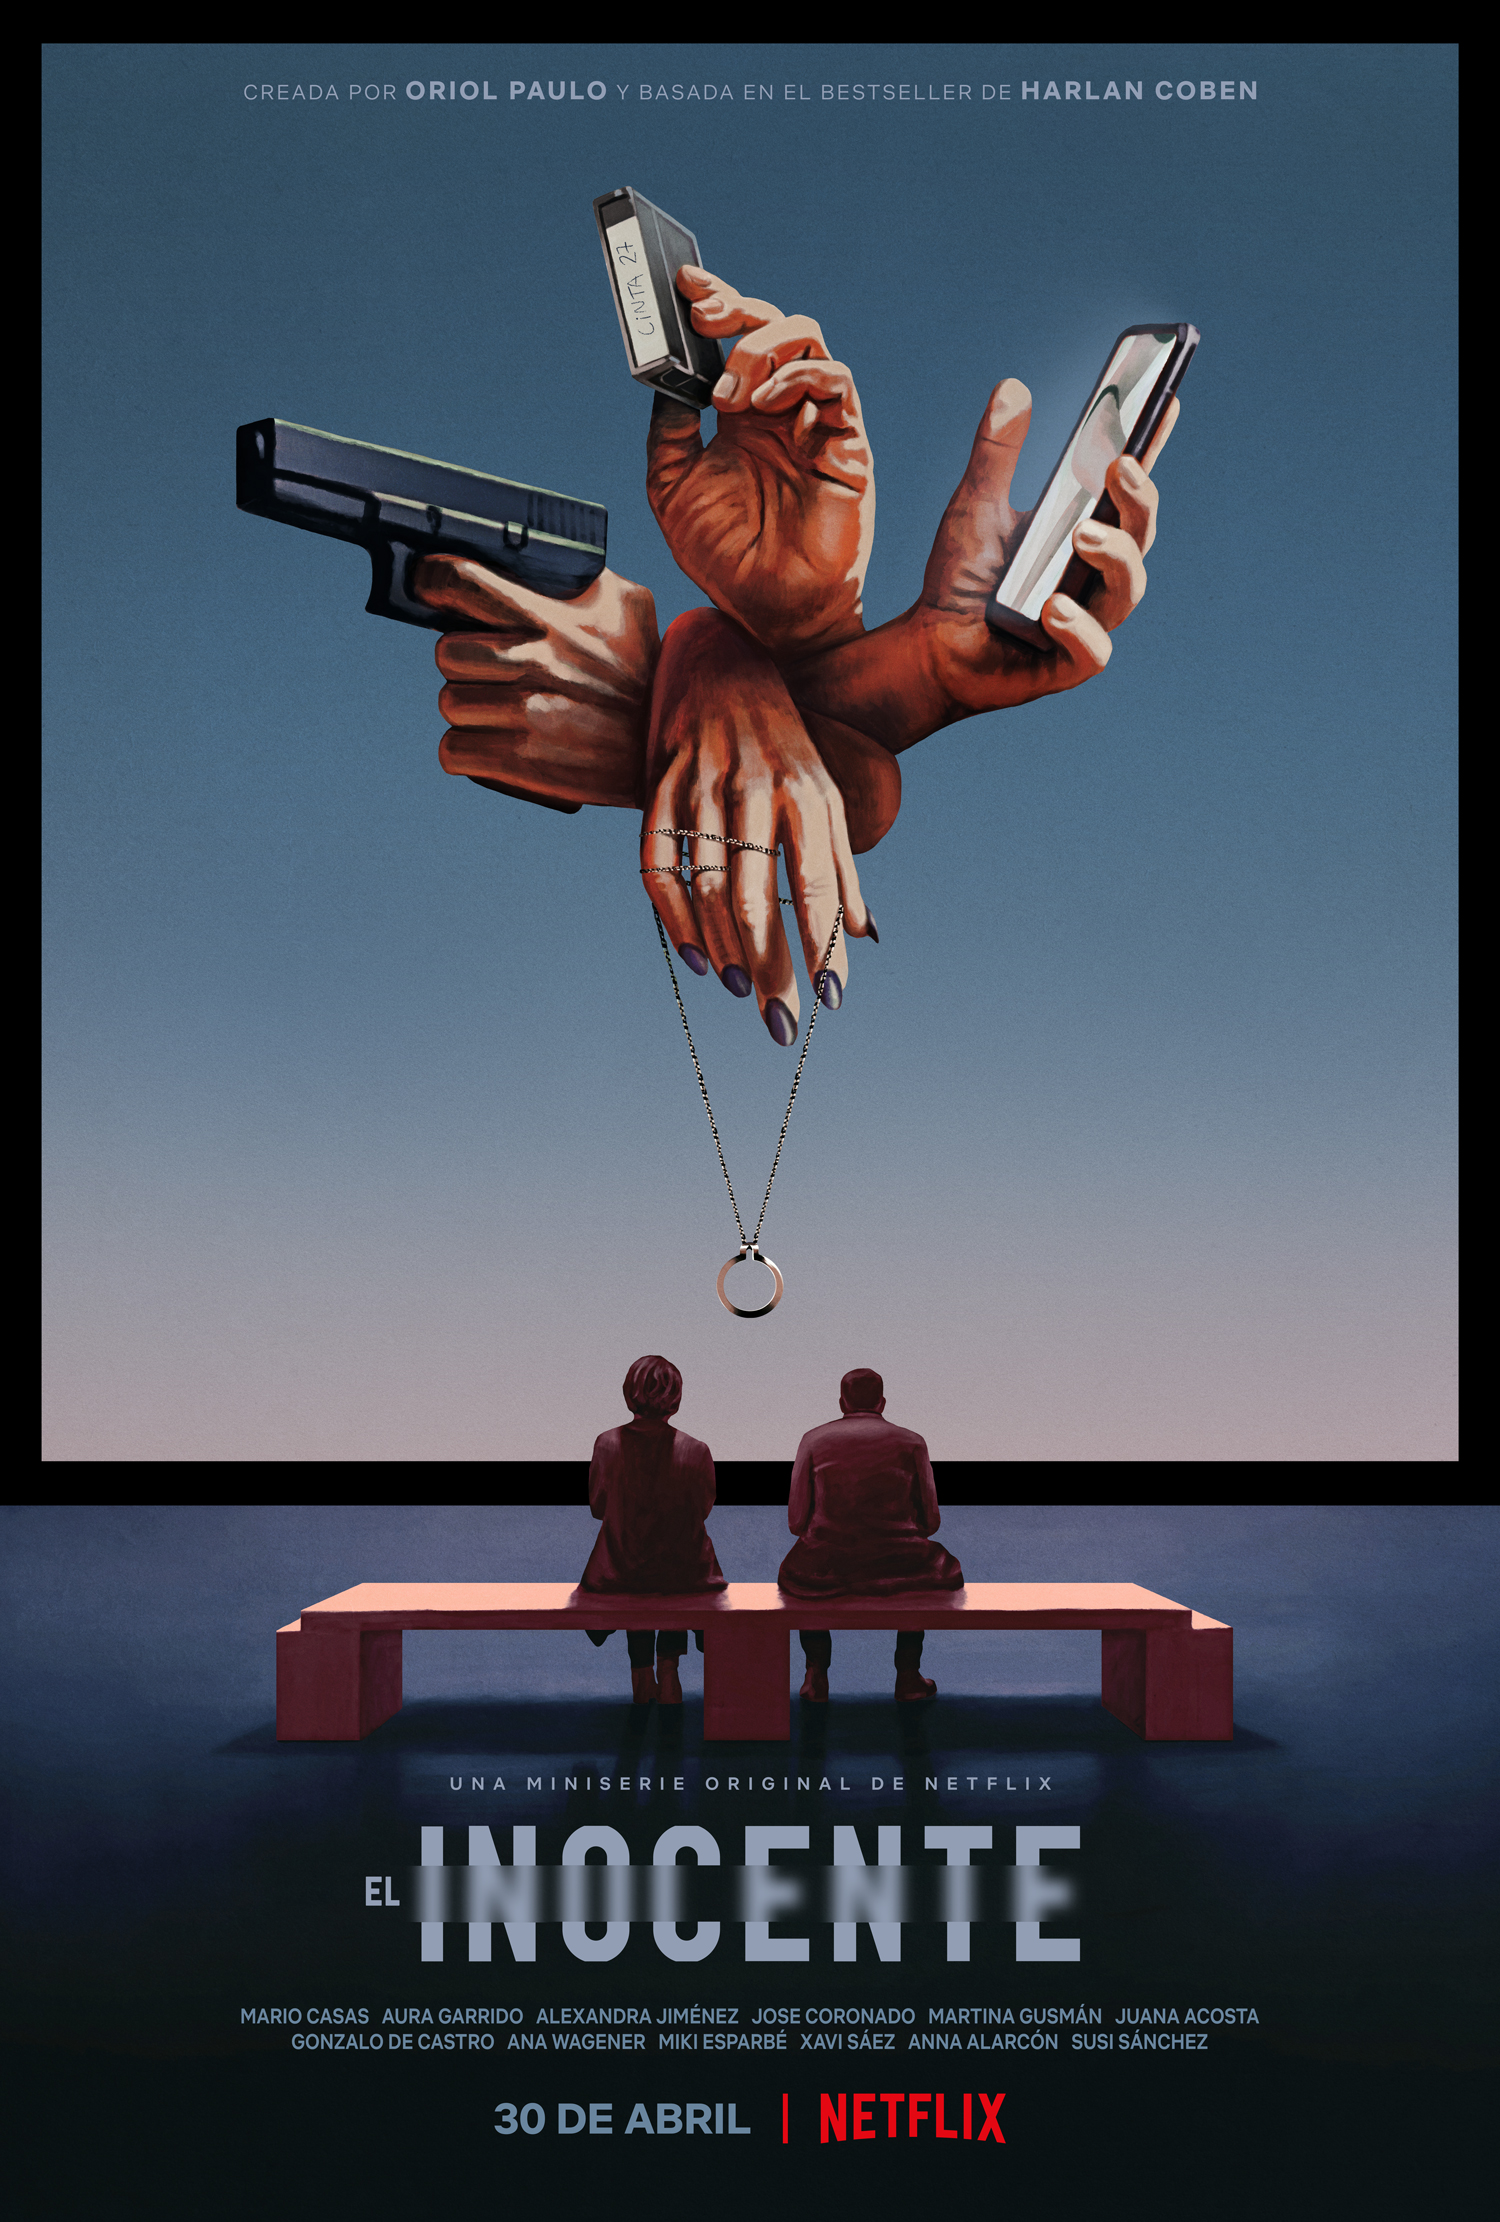 El inocente: netflix lanza trailer y poster oficial